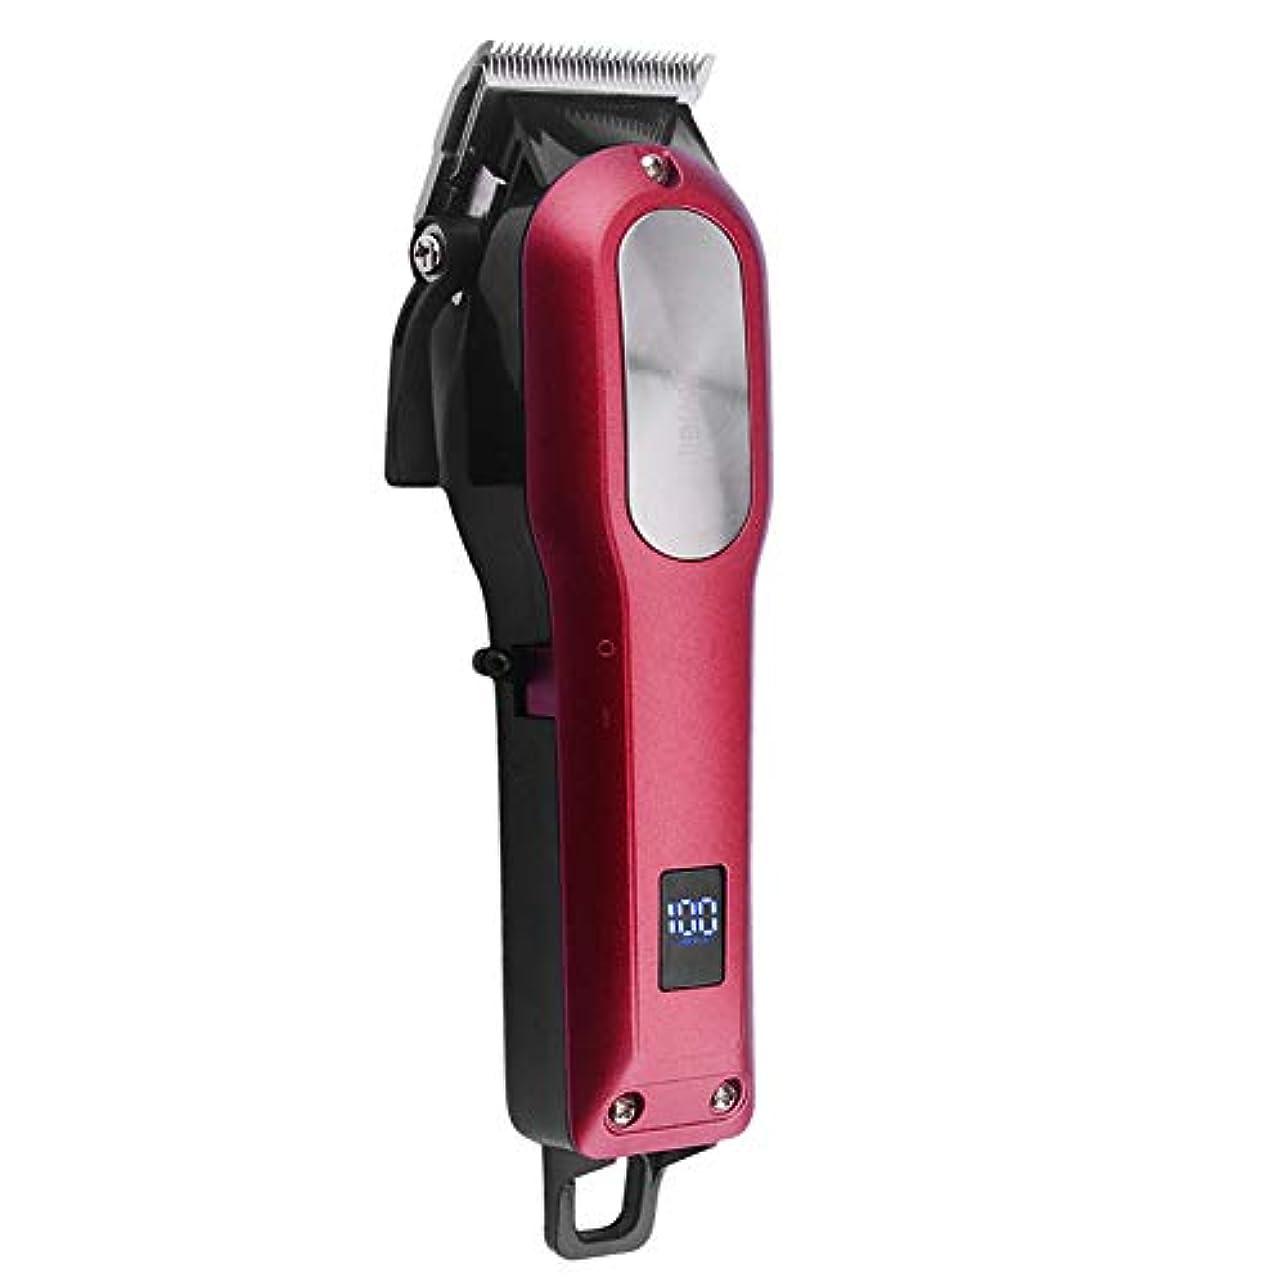 COSYONALL 電動バリカン 充電式ヘアカッター レバー式バリカン プロ 0.8-2mm刈り高さ調整可能 LEDディスプレイ 4時間連続使用 ヒゲトリマー ヘアクリッパー コードレス 低騒音 切れ味抜群 散髪 セット